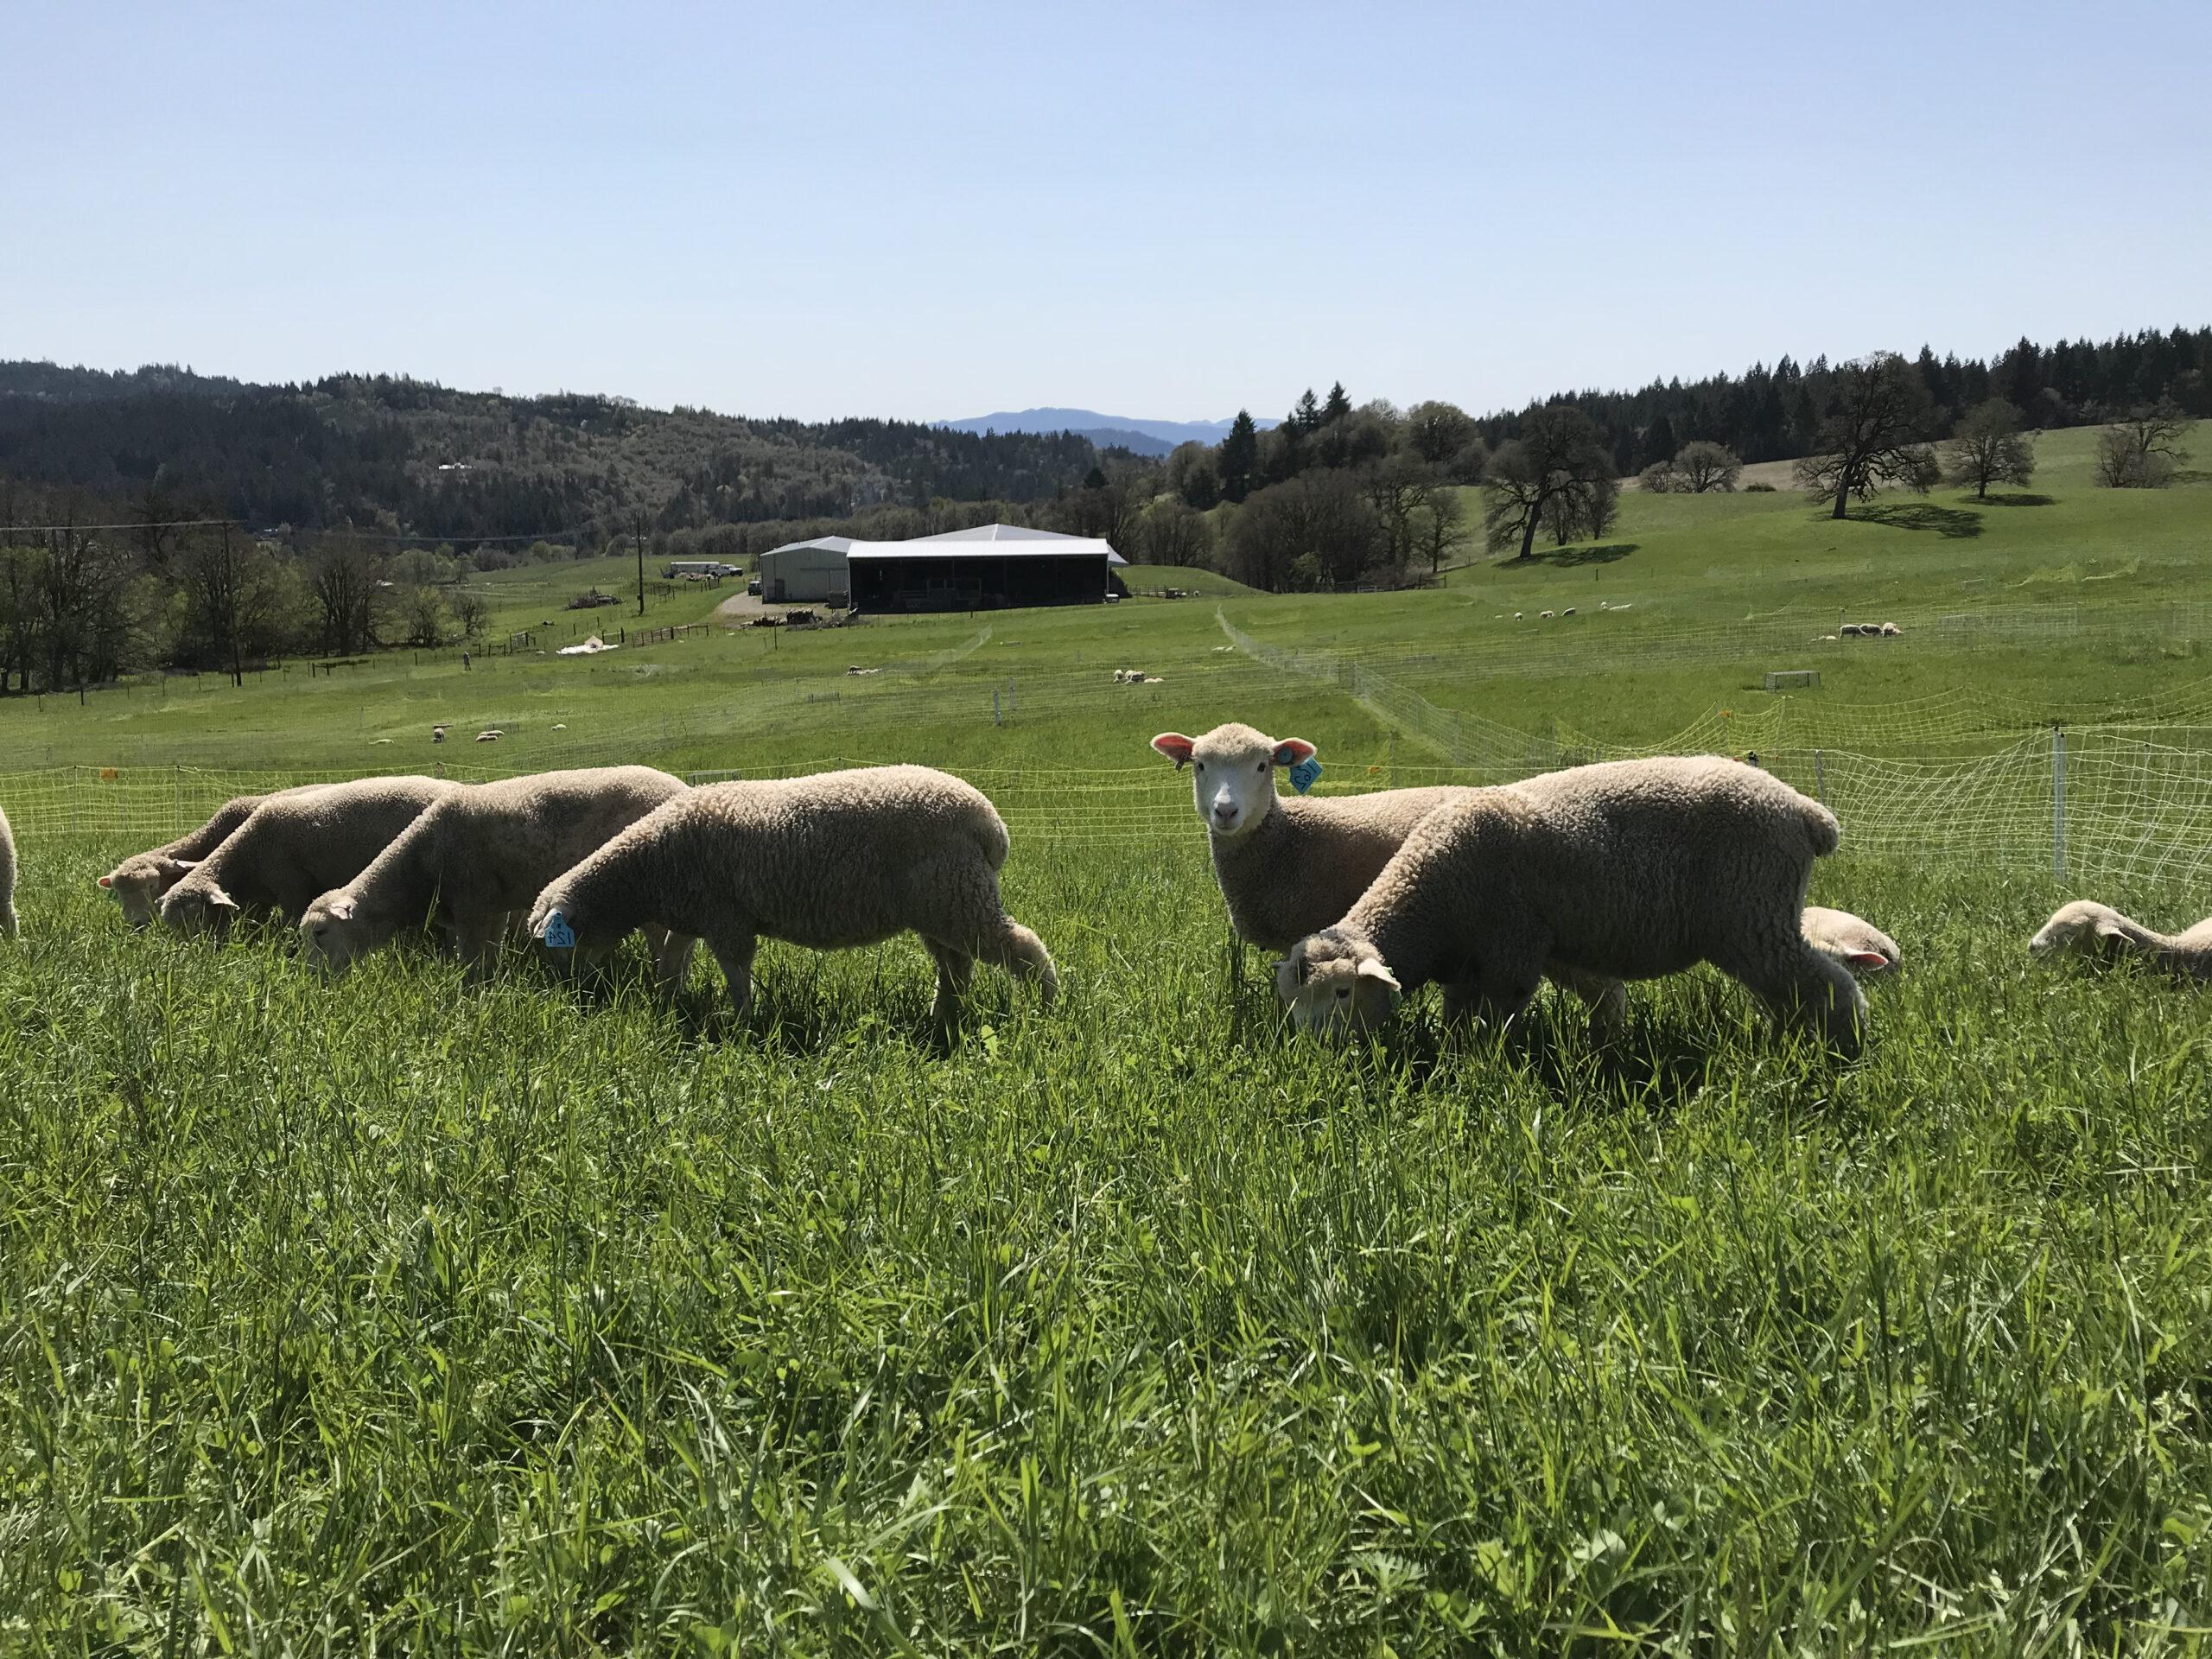 Foto Stok Gratis Tentang Domba, Padang Rumput inside Gambar Domba Hd